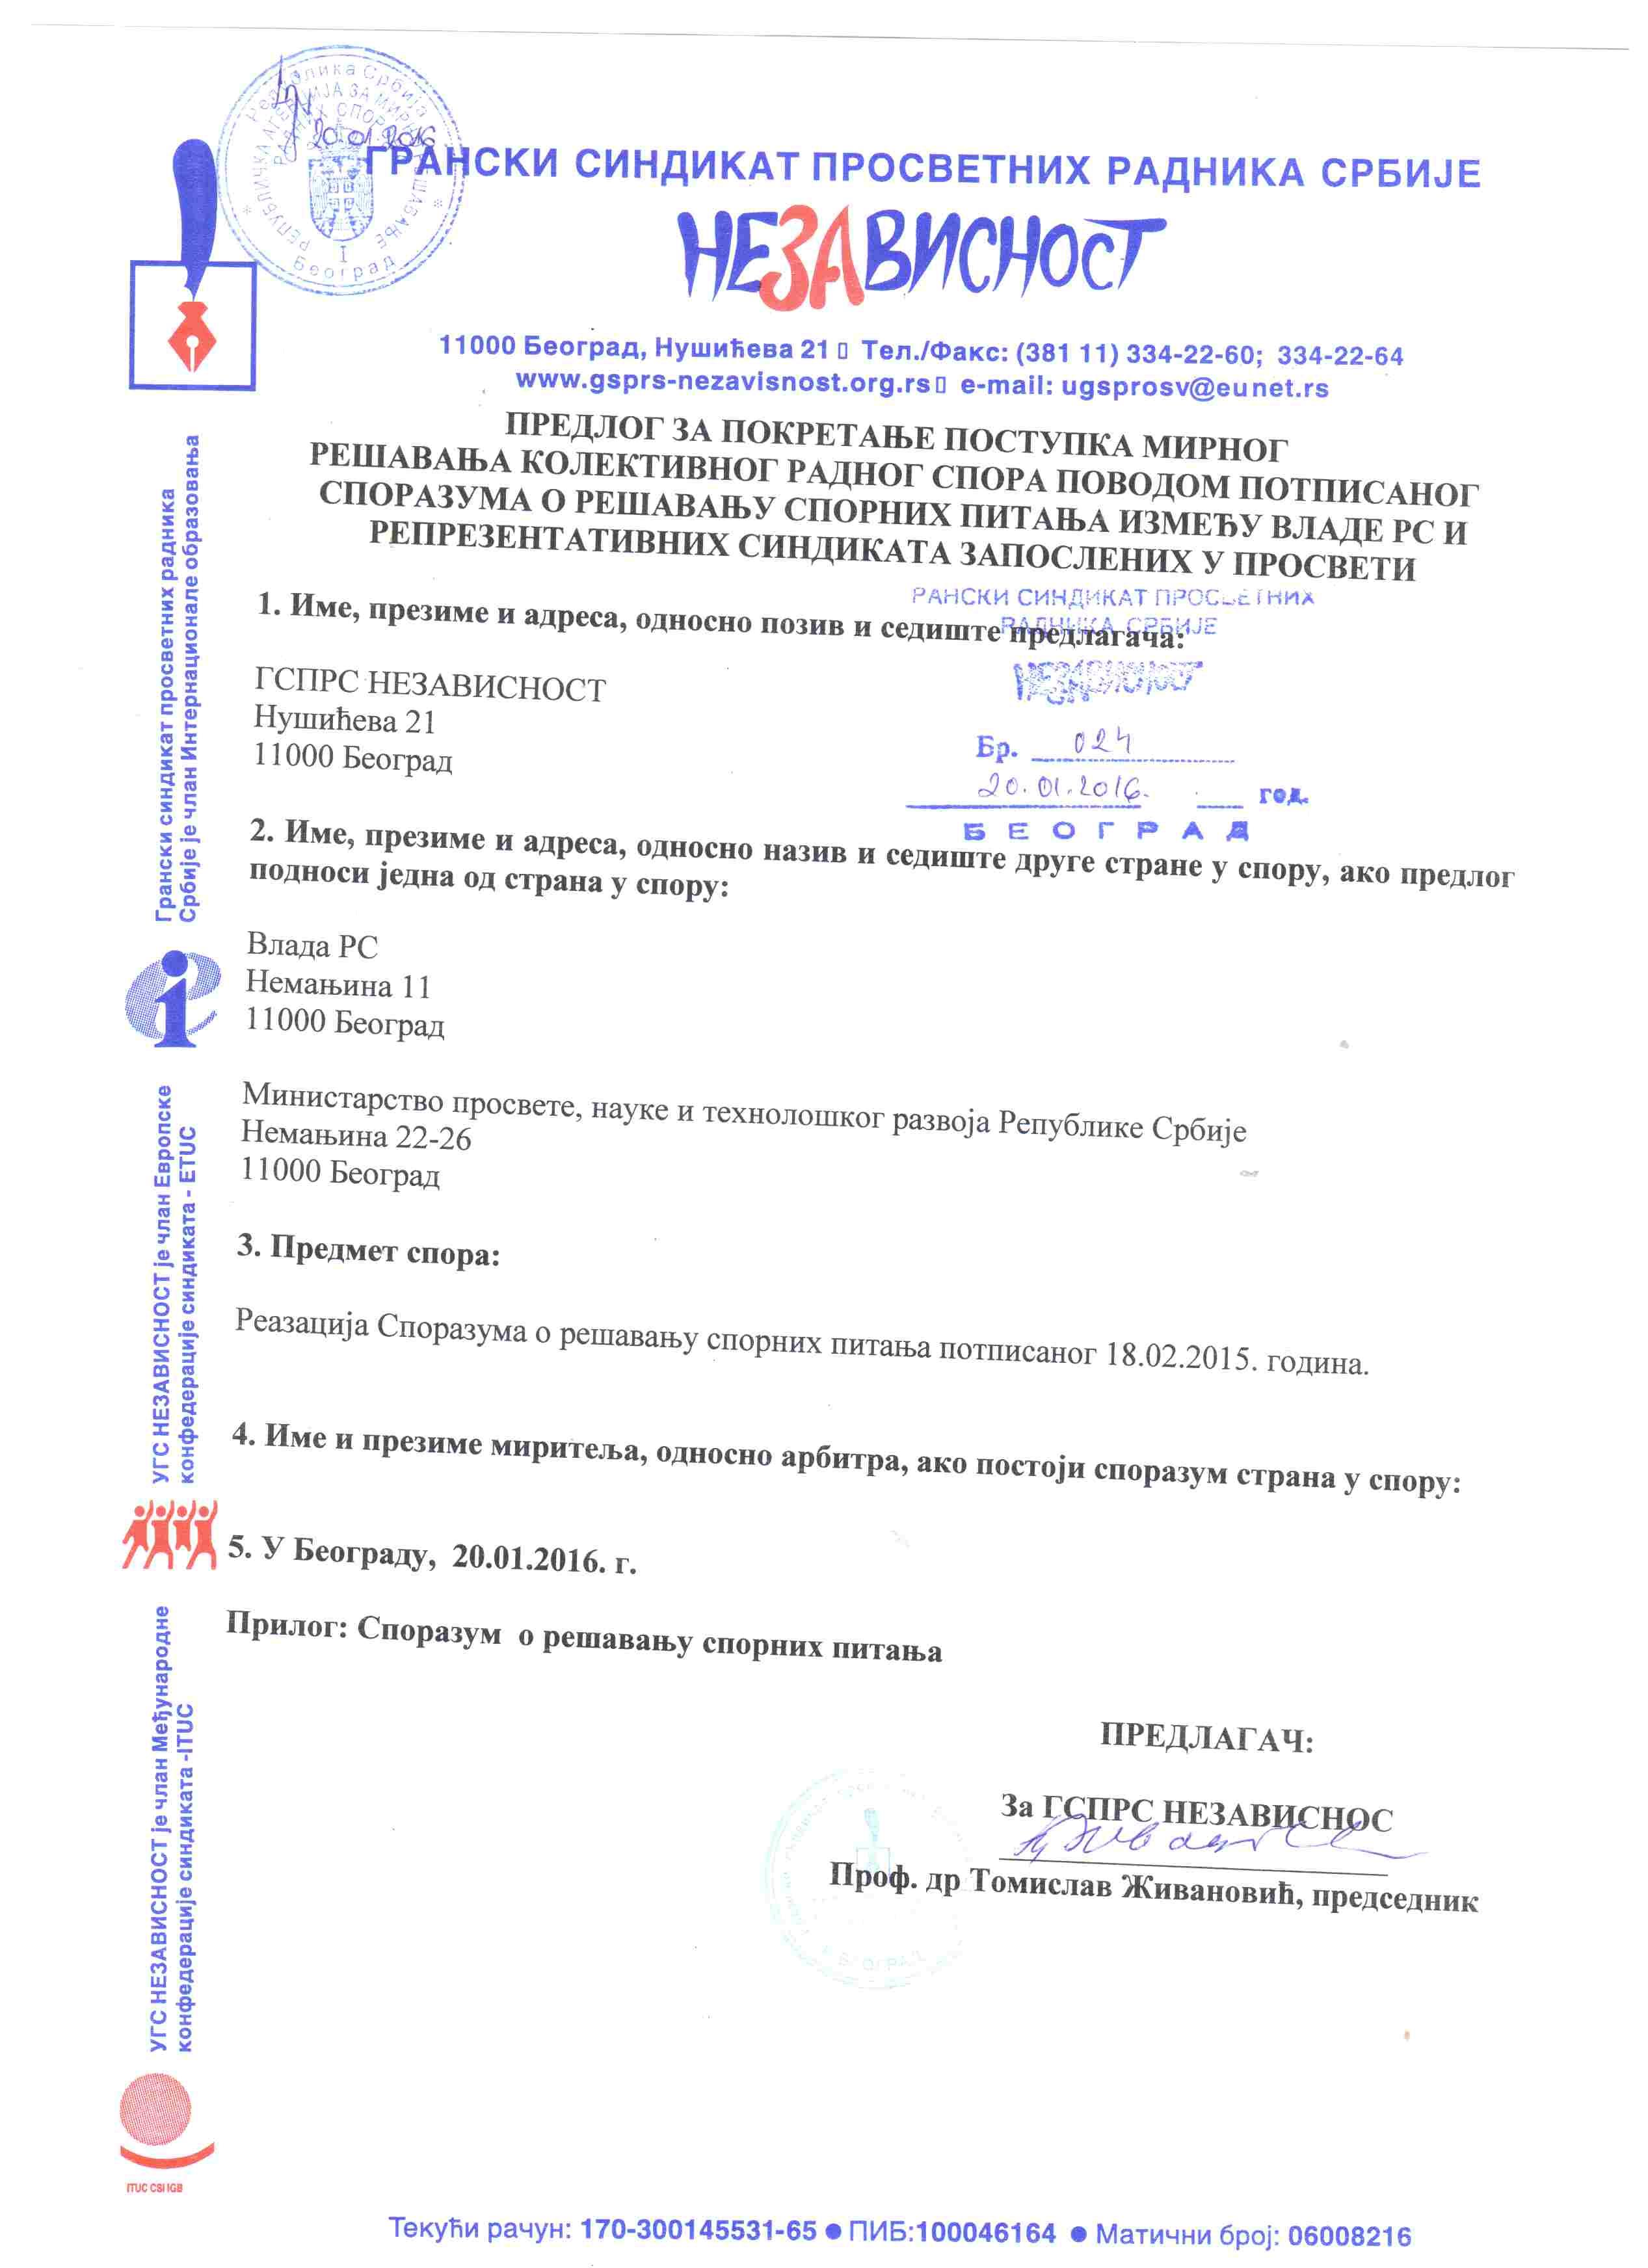 Rep. agenciji za mirno res. radnih sporova SPORAZUM  20.1.2016 11-58